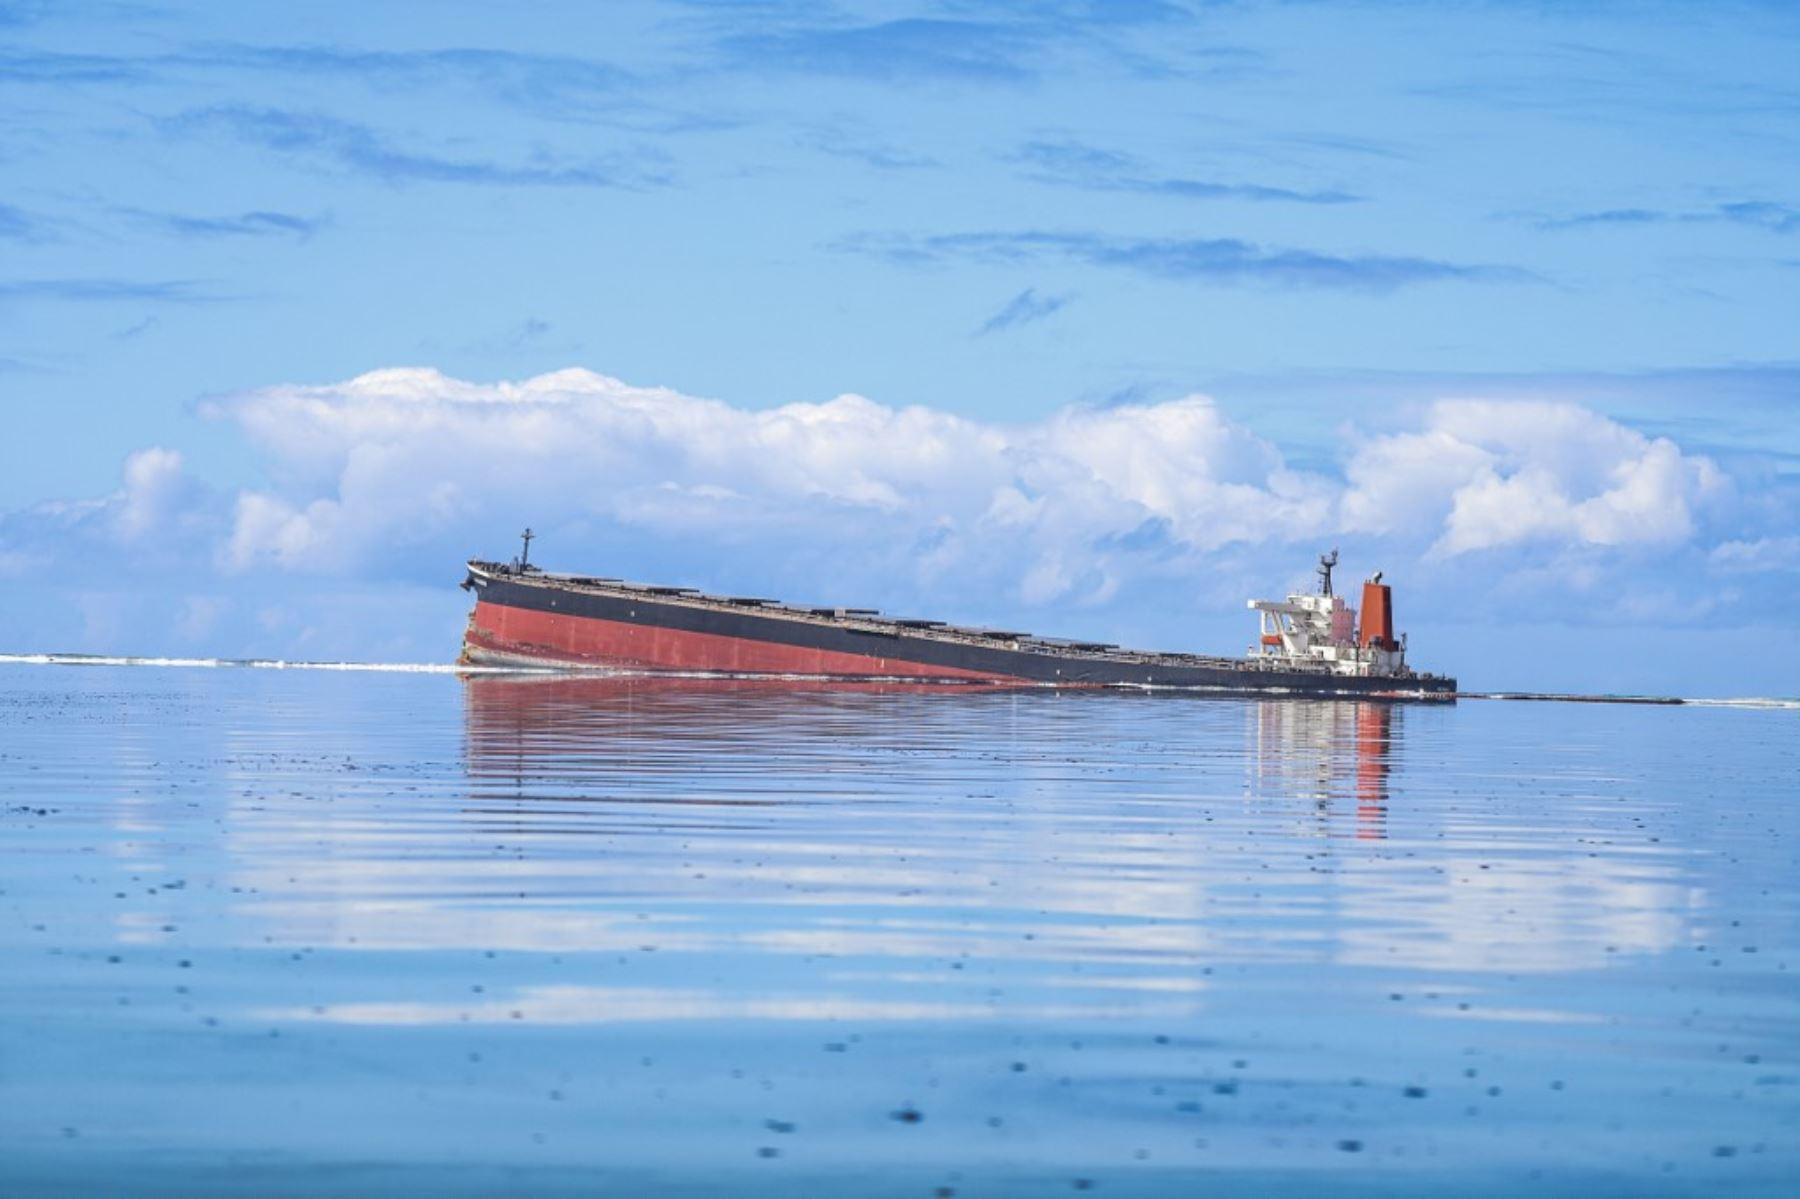 Esta vista general muestra el buque MV Wakashio, perteneciente a una empresa japonesa pero con bandera panameña, que encalló cerca del Blue Bay Marine Park frente a la costa del sureste de Mauricio.